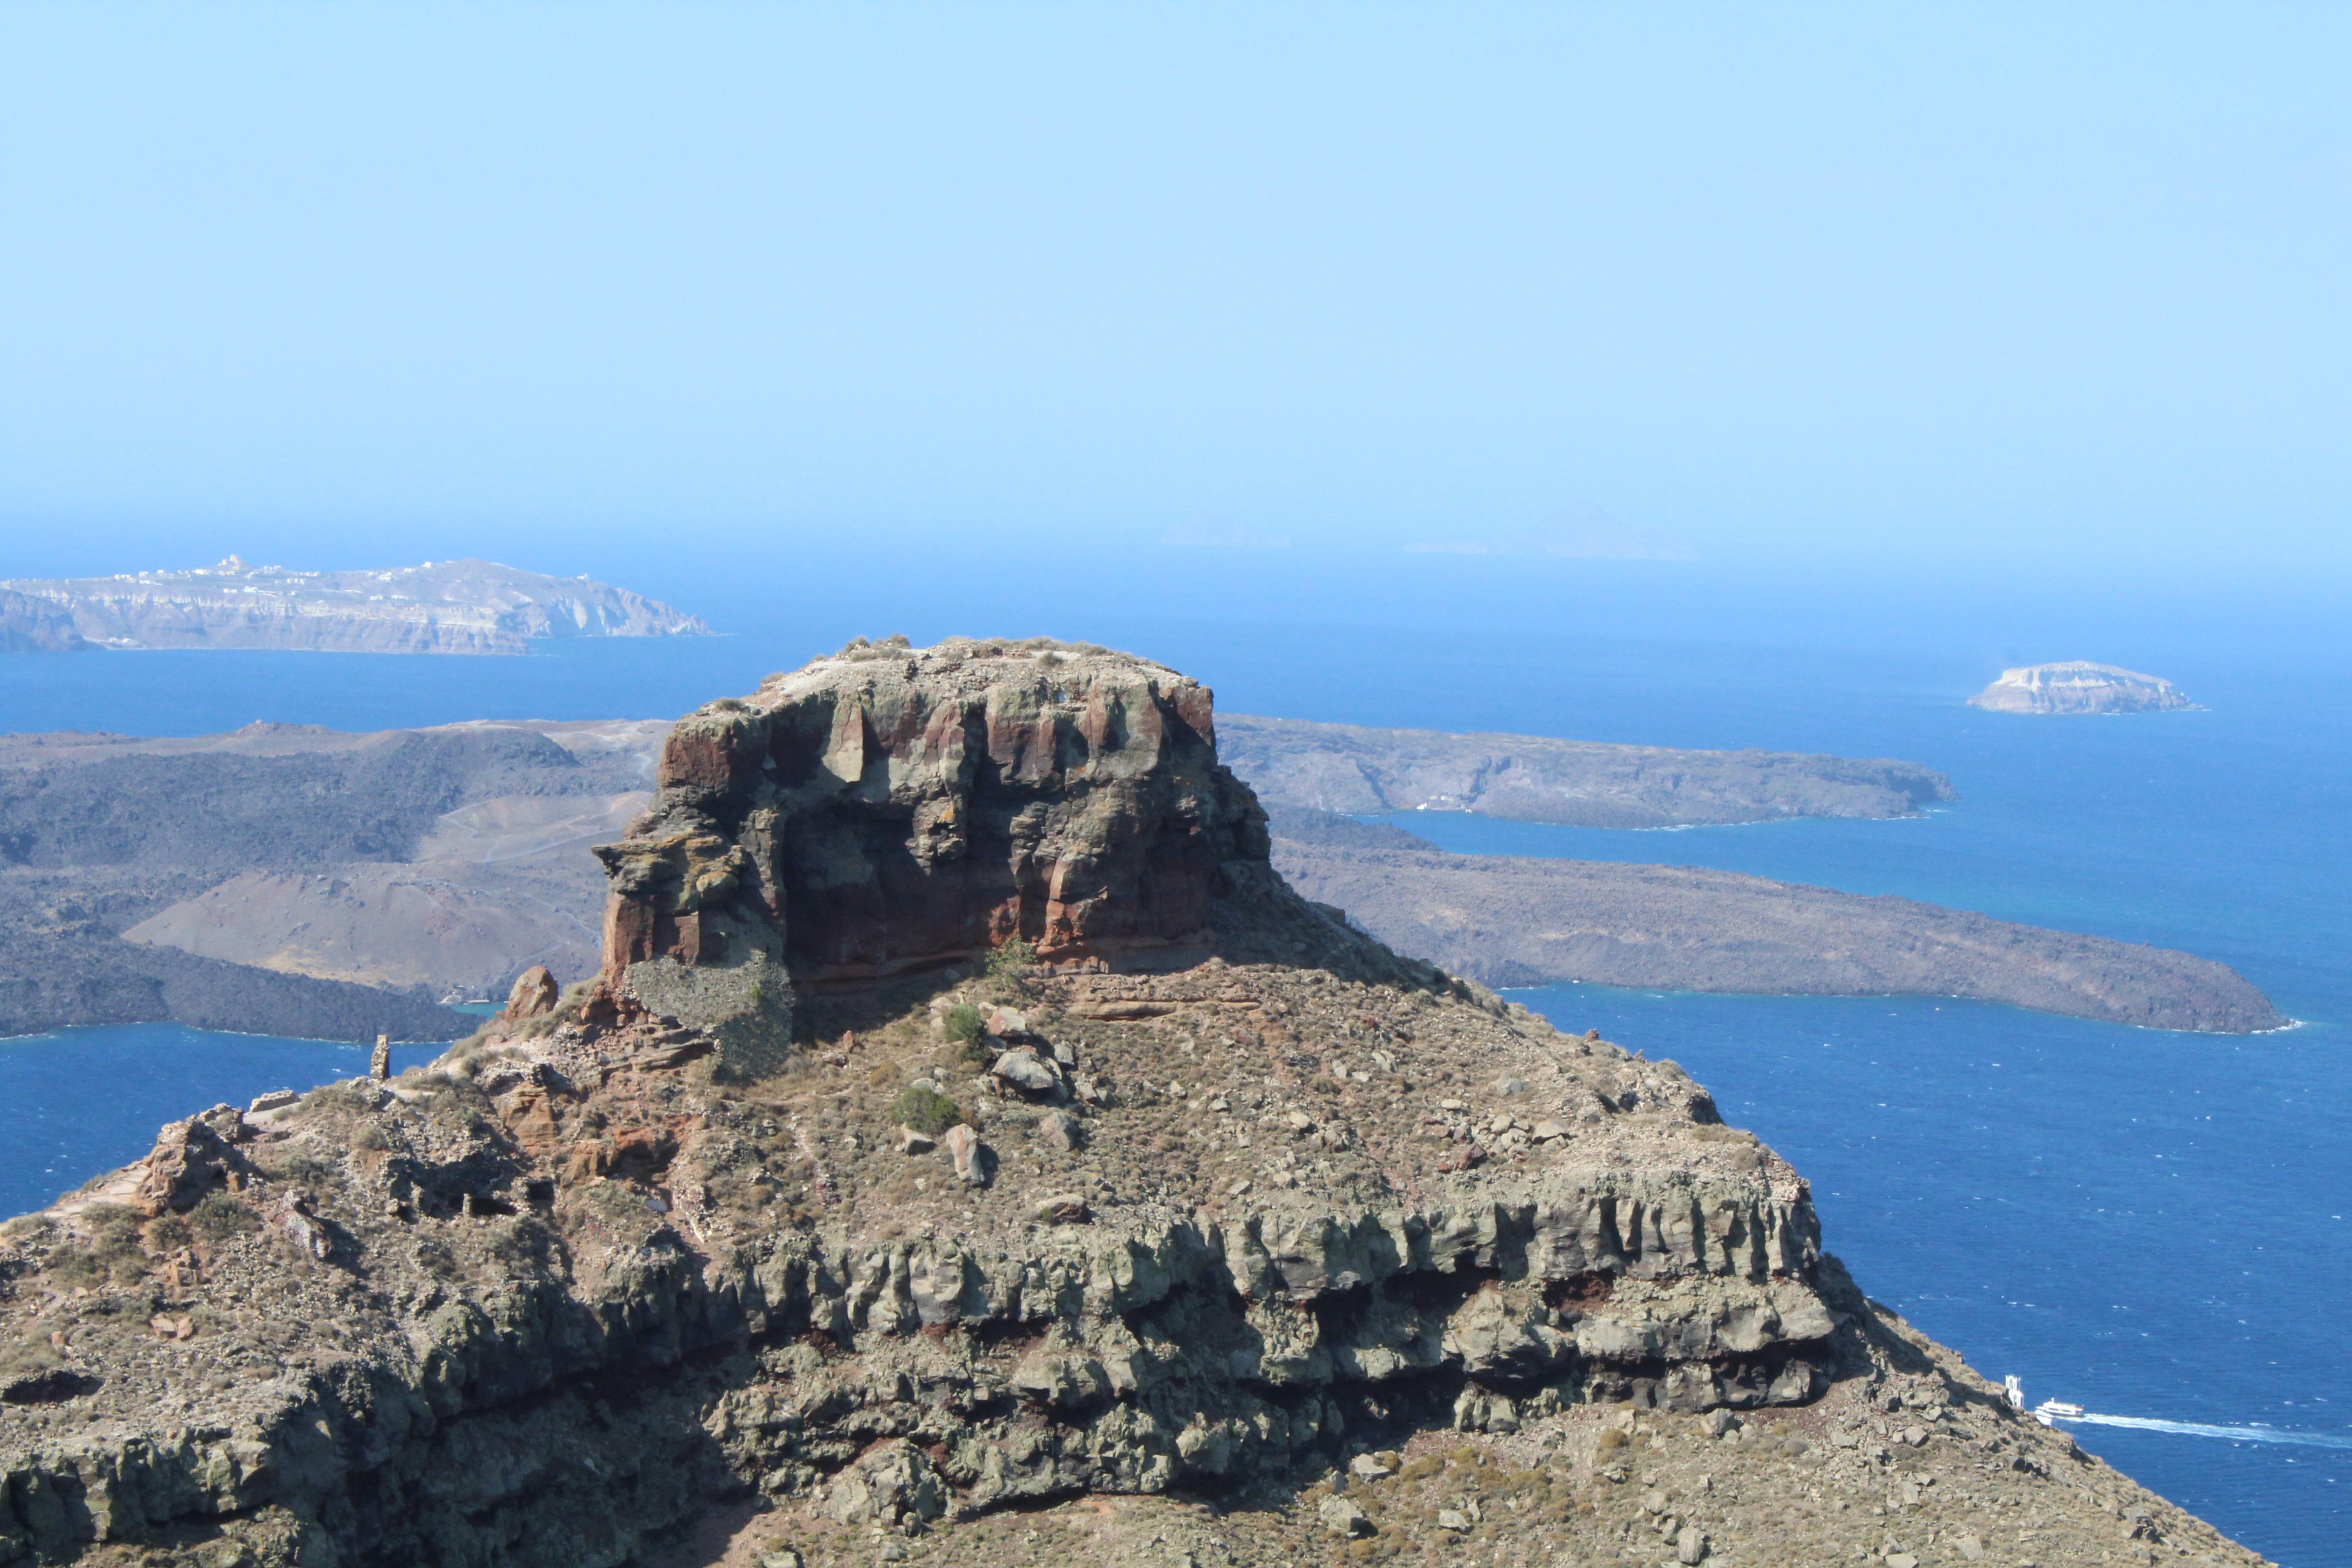 Skaros Rock